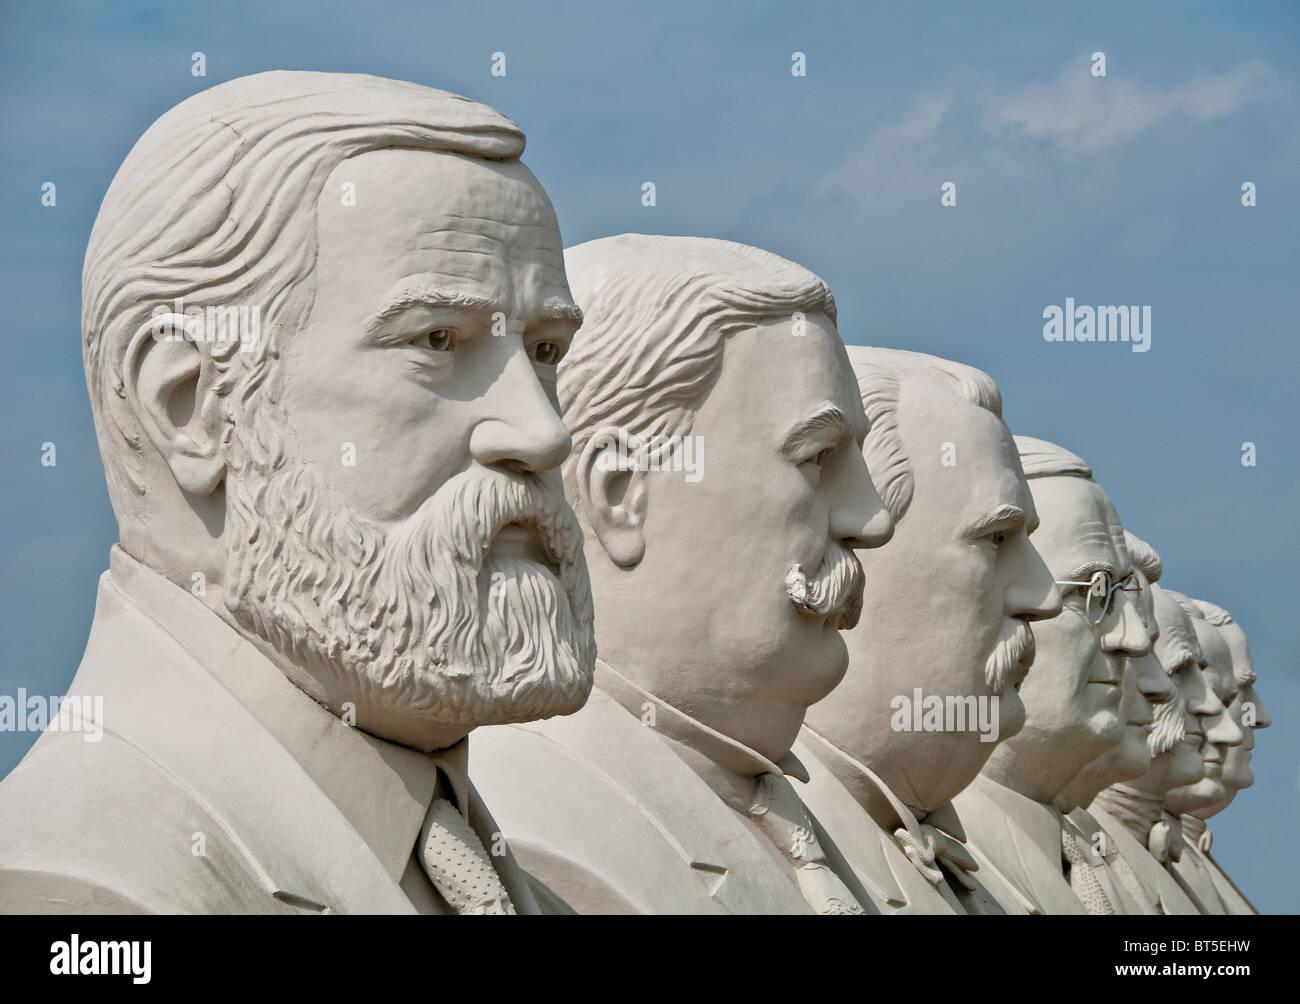 Weiße Betonskulpturen des US-Präsidenten David Adickes Sculpturworx Studio in Houston, Texas, USA Stockfoto